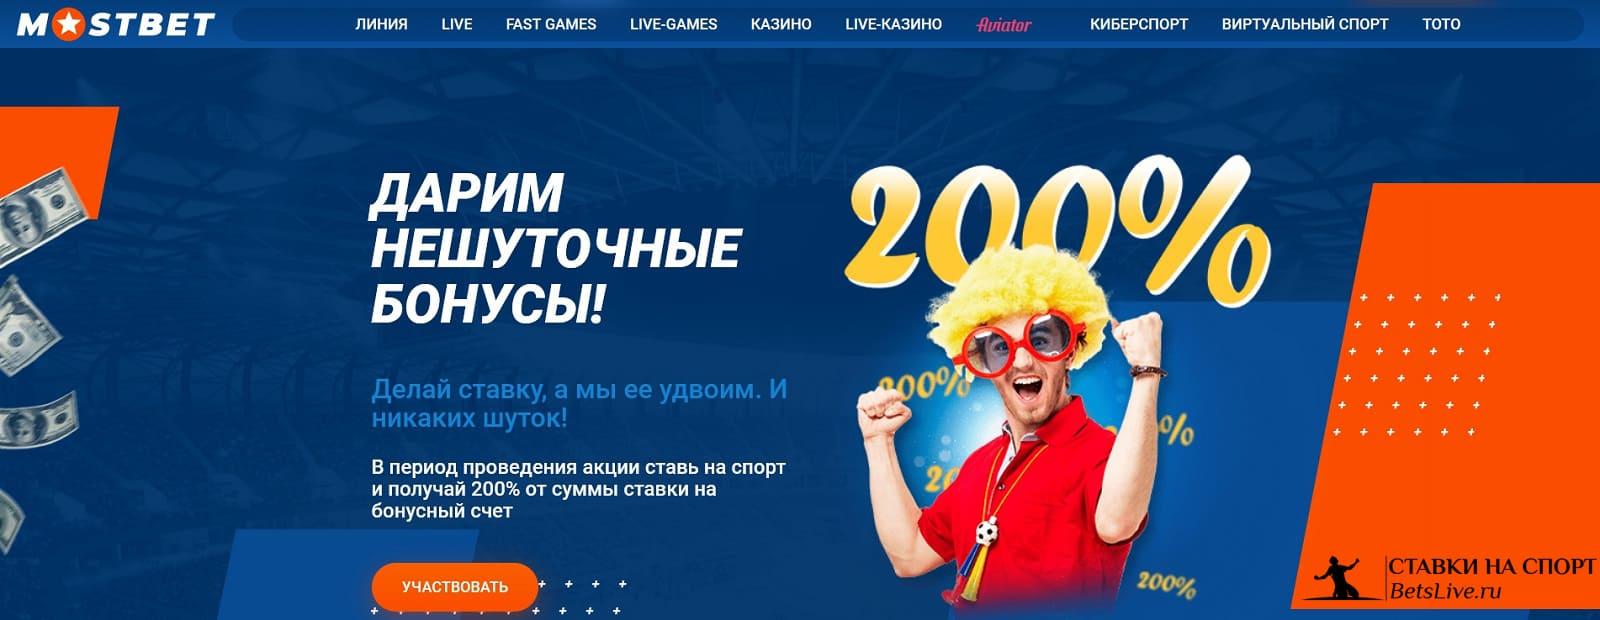 Бонус 200% за ставку на Мостбет